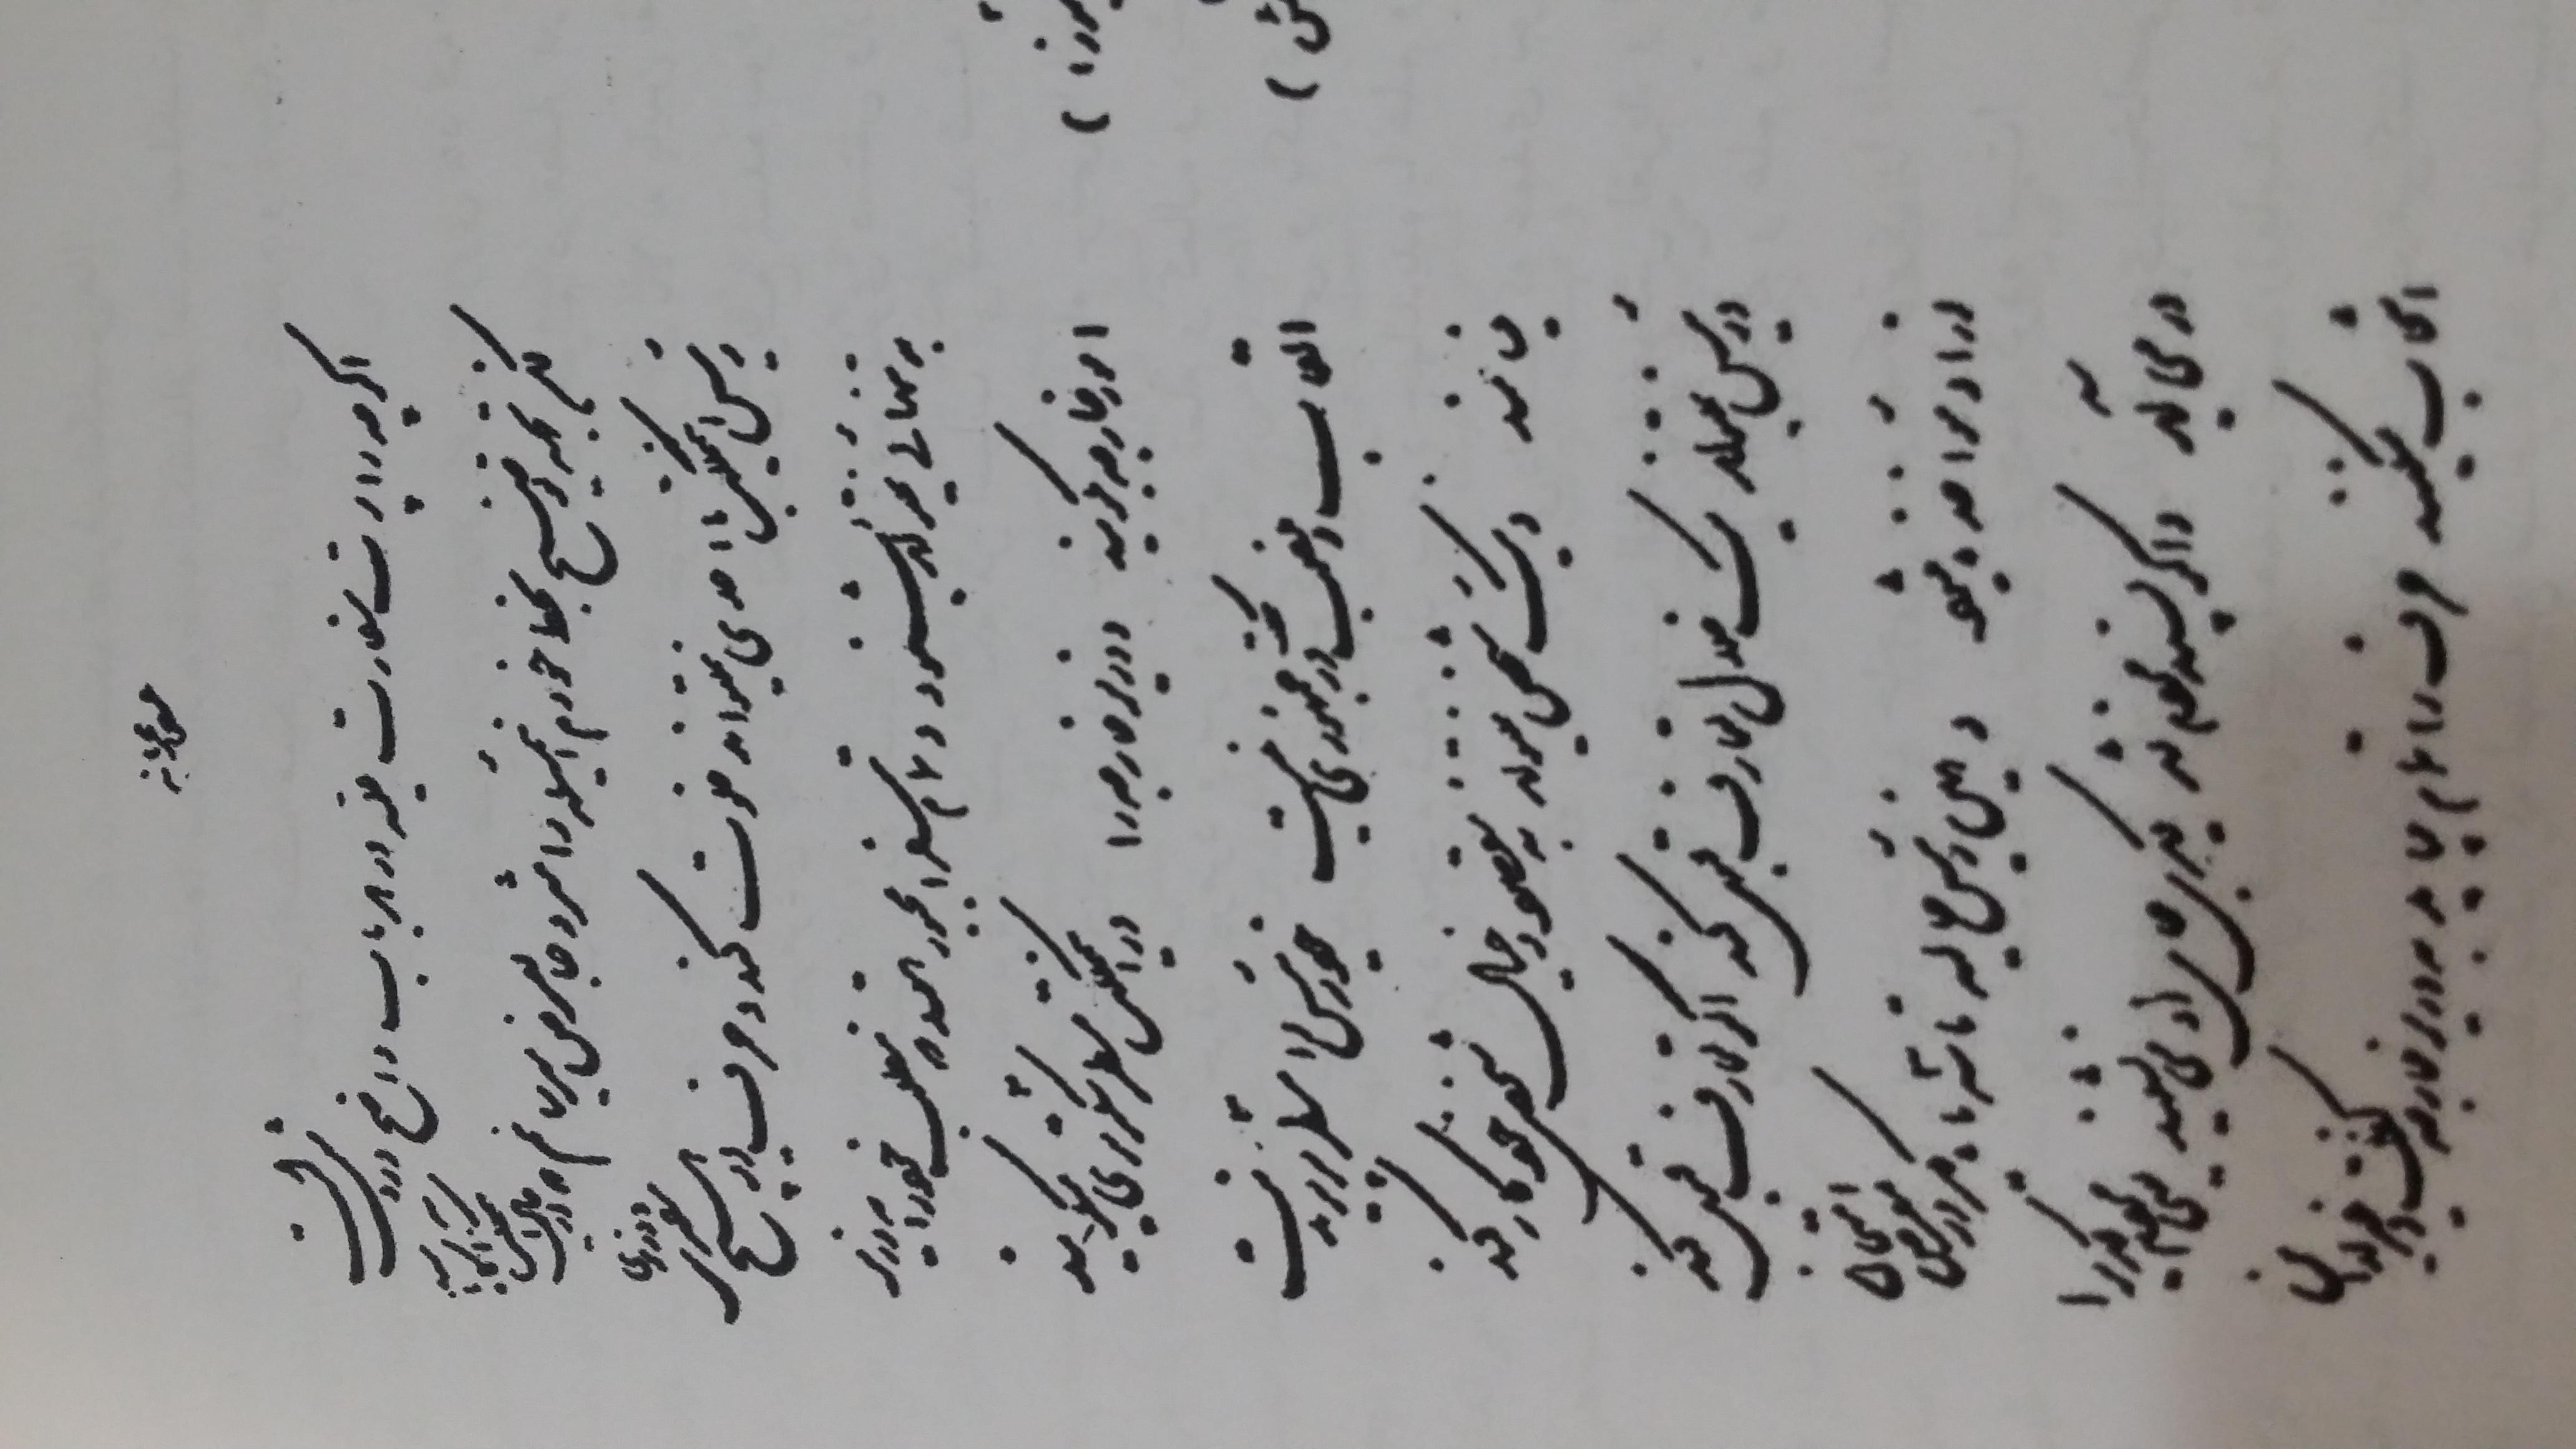 نمونه دستخط حسینقلی خان که در بایگانی اسناد راکد وزارت امور خارجه نگهداری میشود.